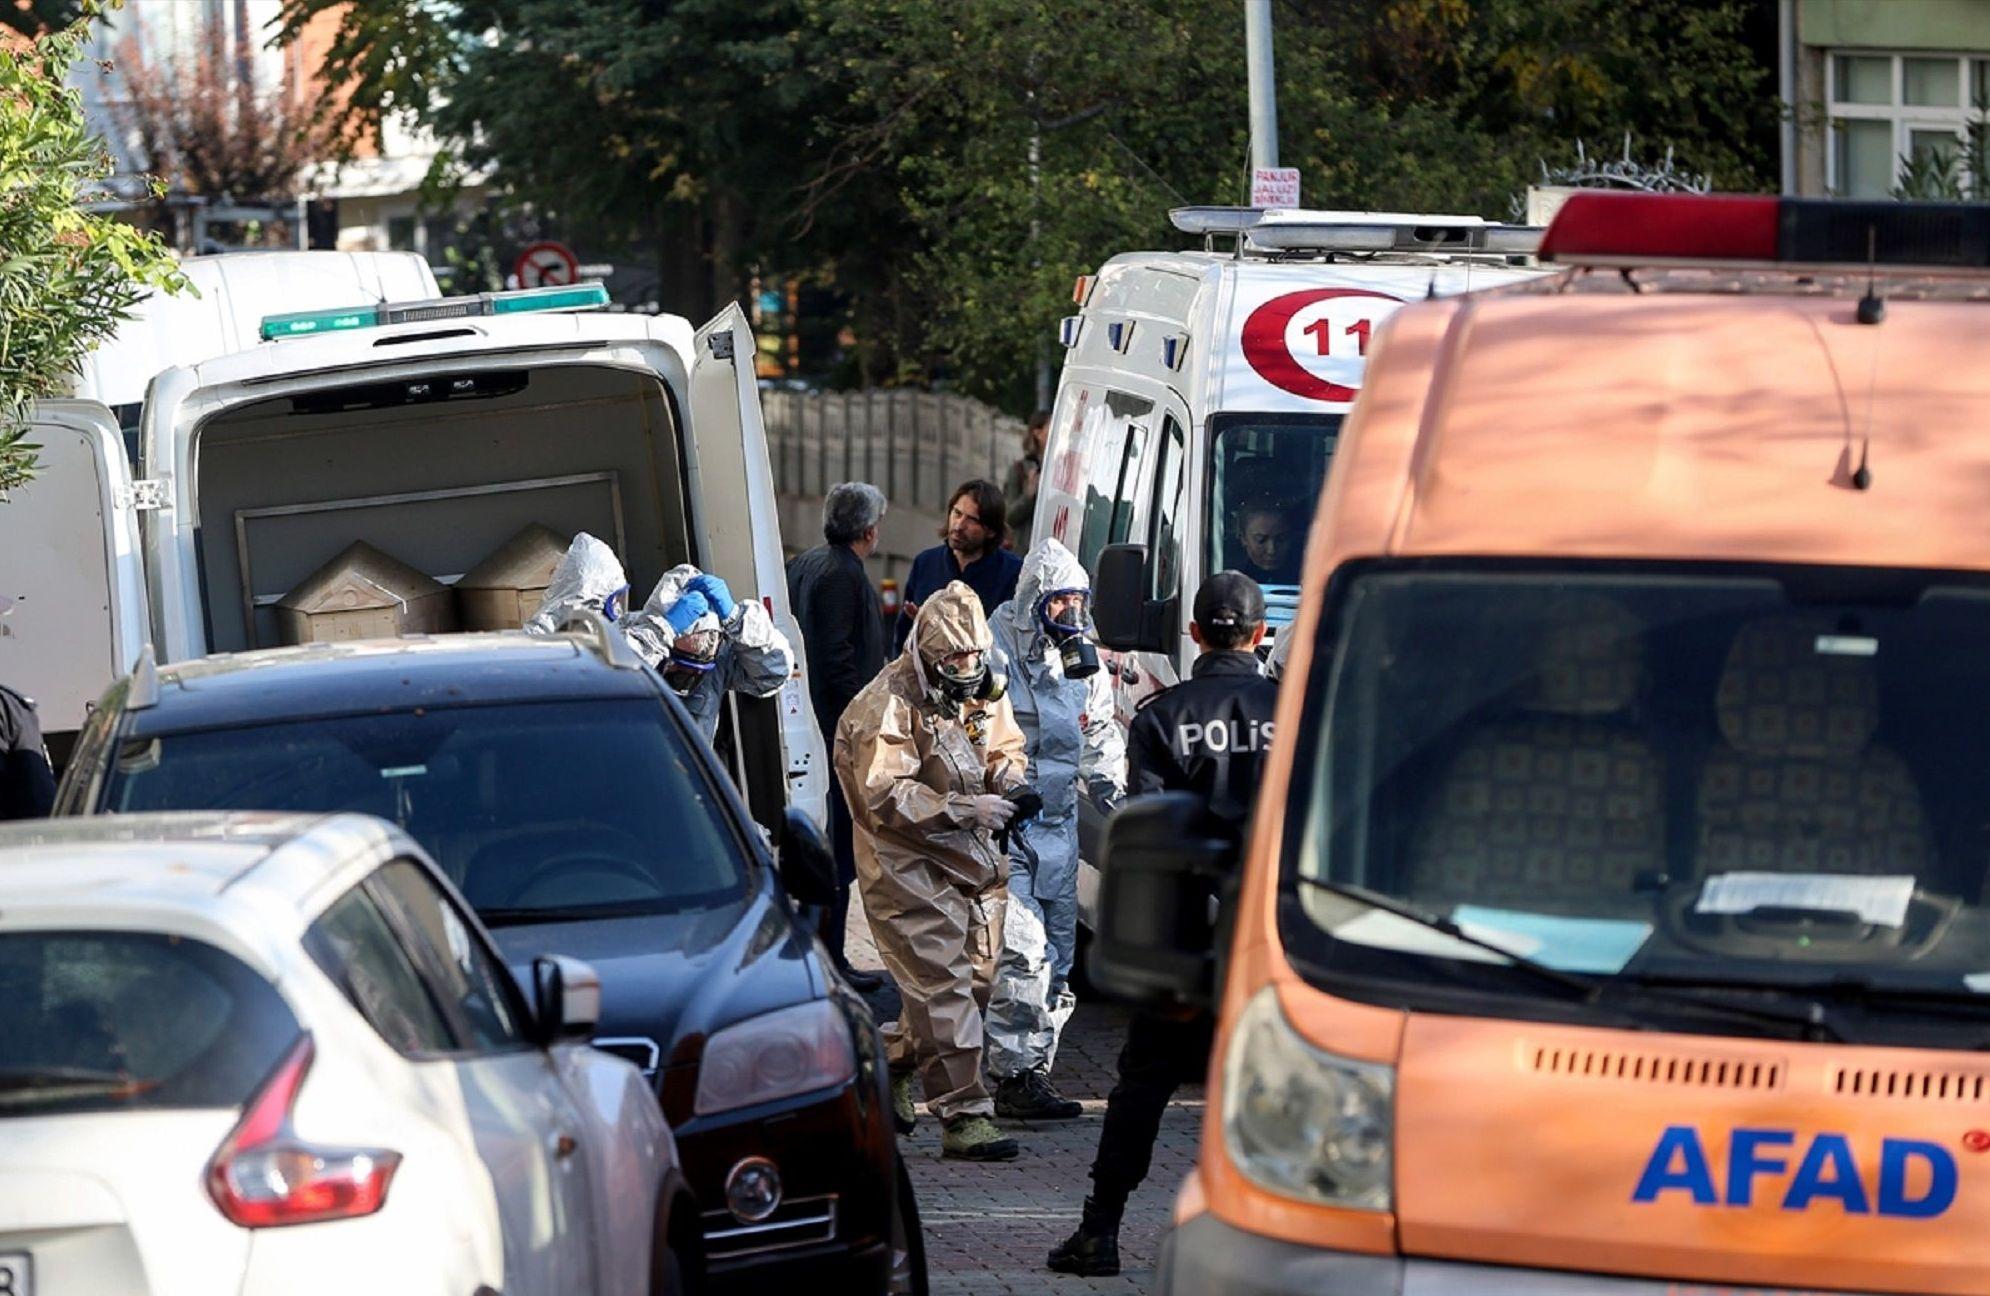 Bakırköy'de evlerinde ölü bulunan 1'i çocuk 3 kişinin cenazesi, Adli Tıp Kurumuna götürüldü.